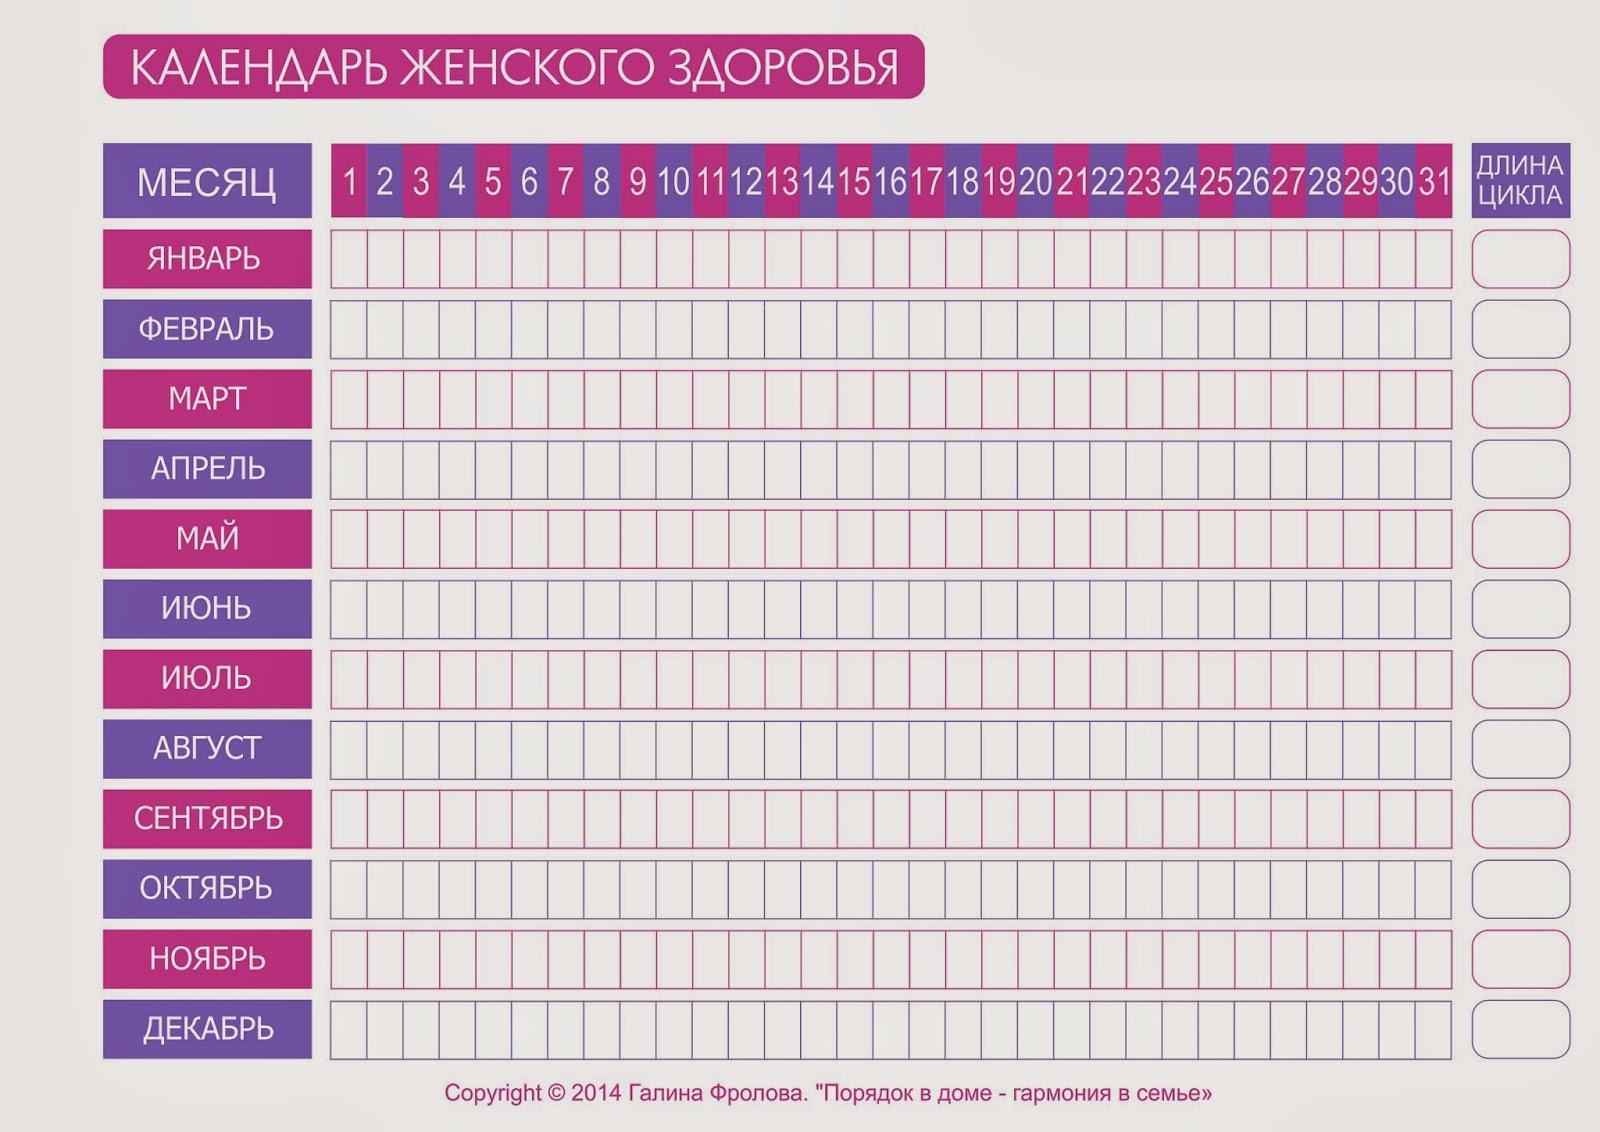 Программа для женщин ежемесячный индивидуальный календарь скачать